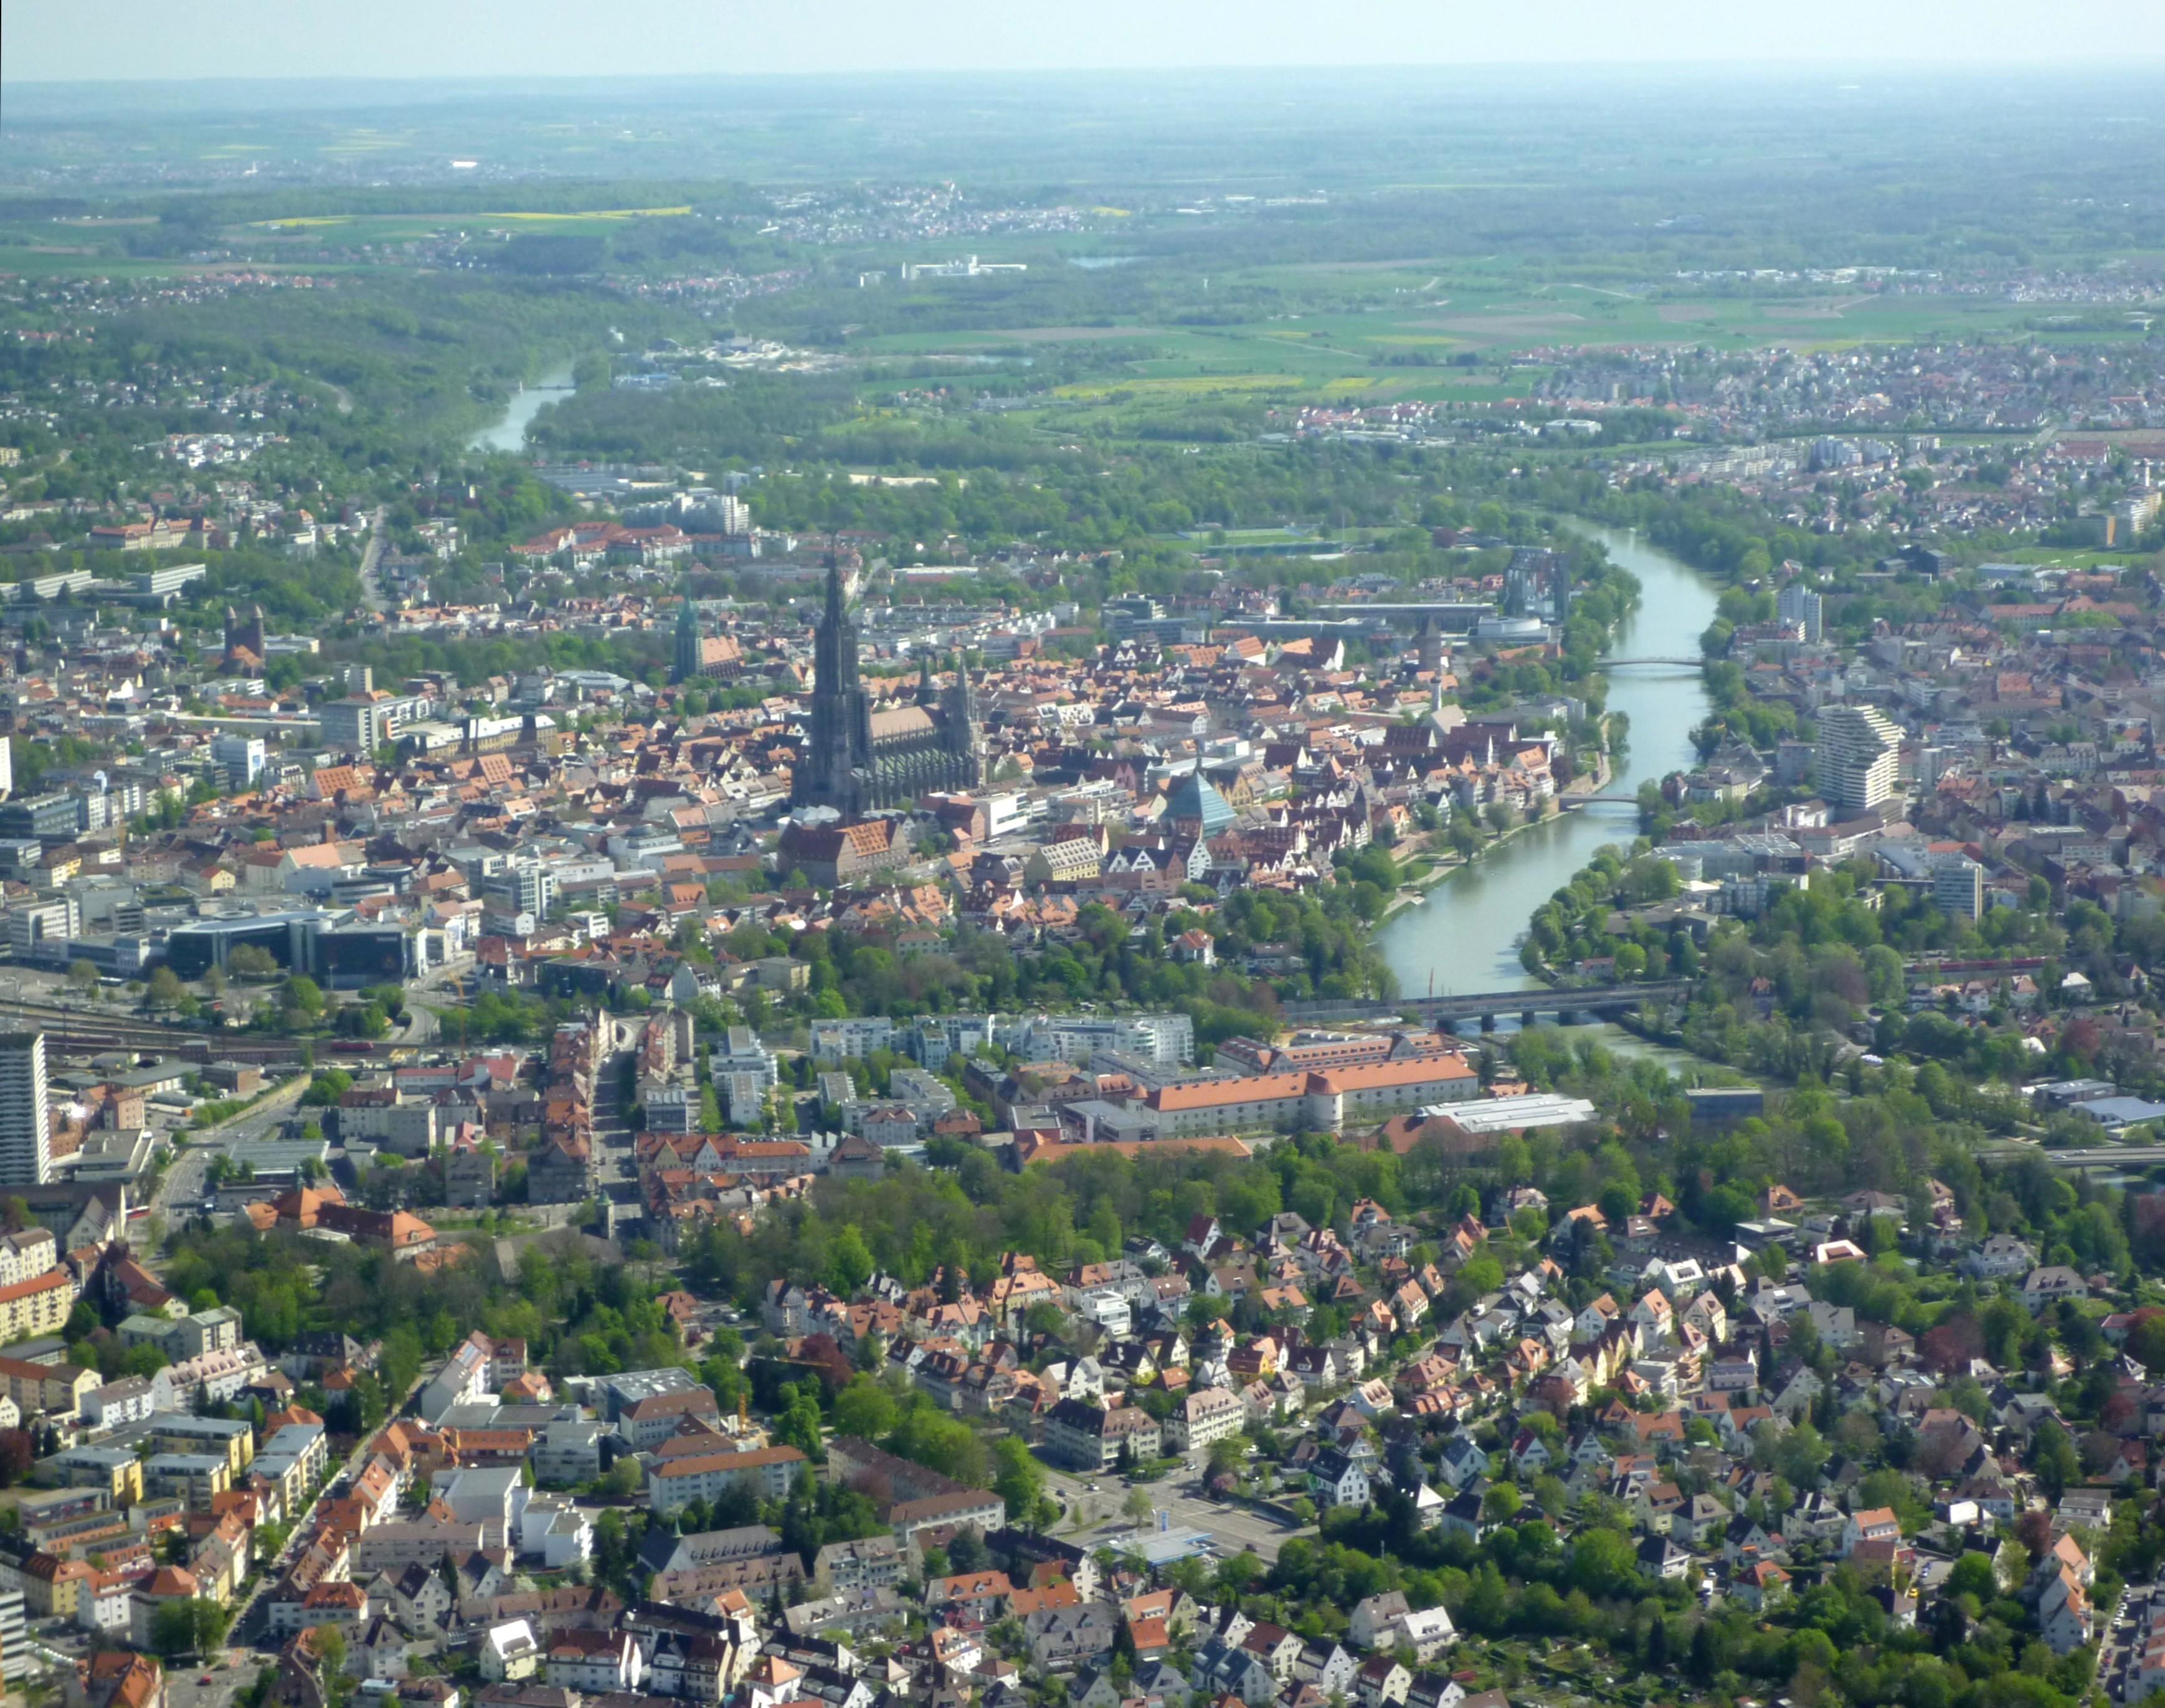 a date Ulm